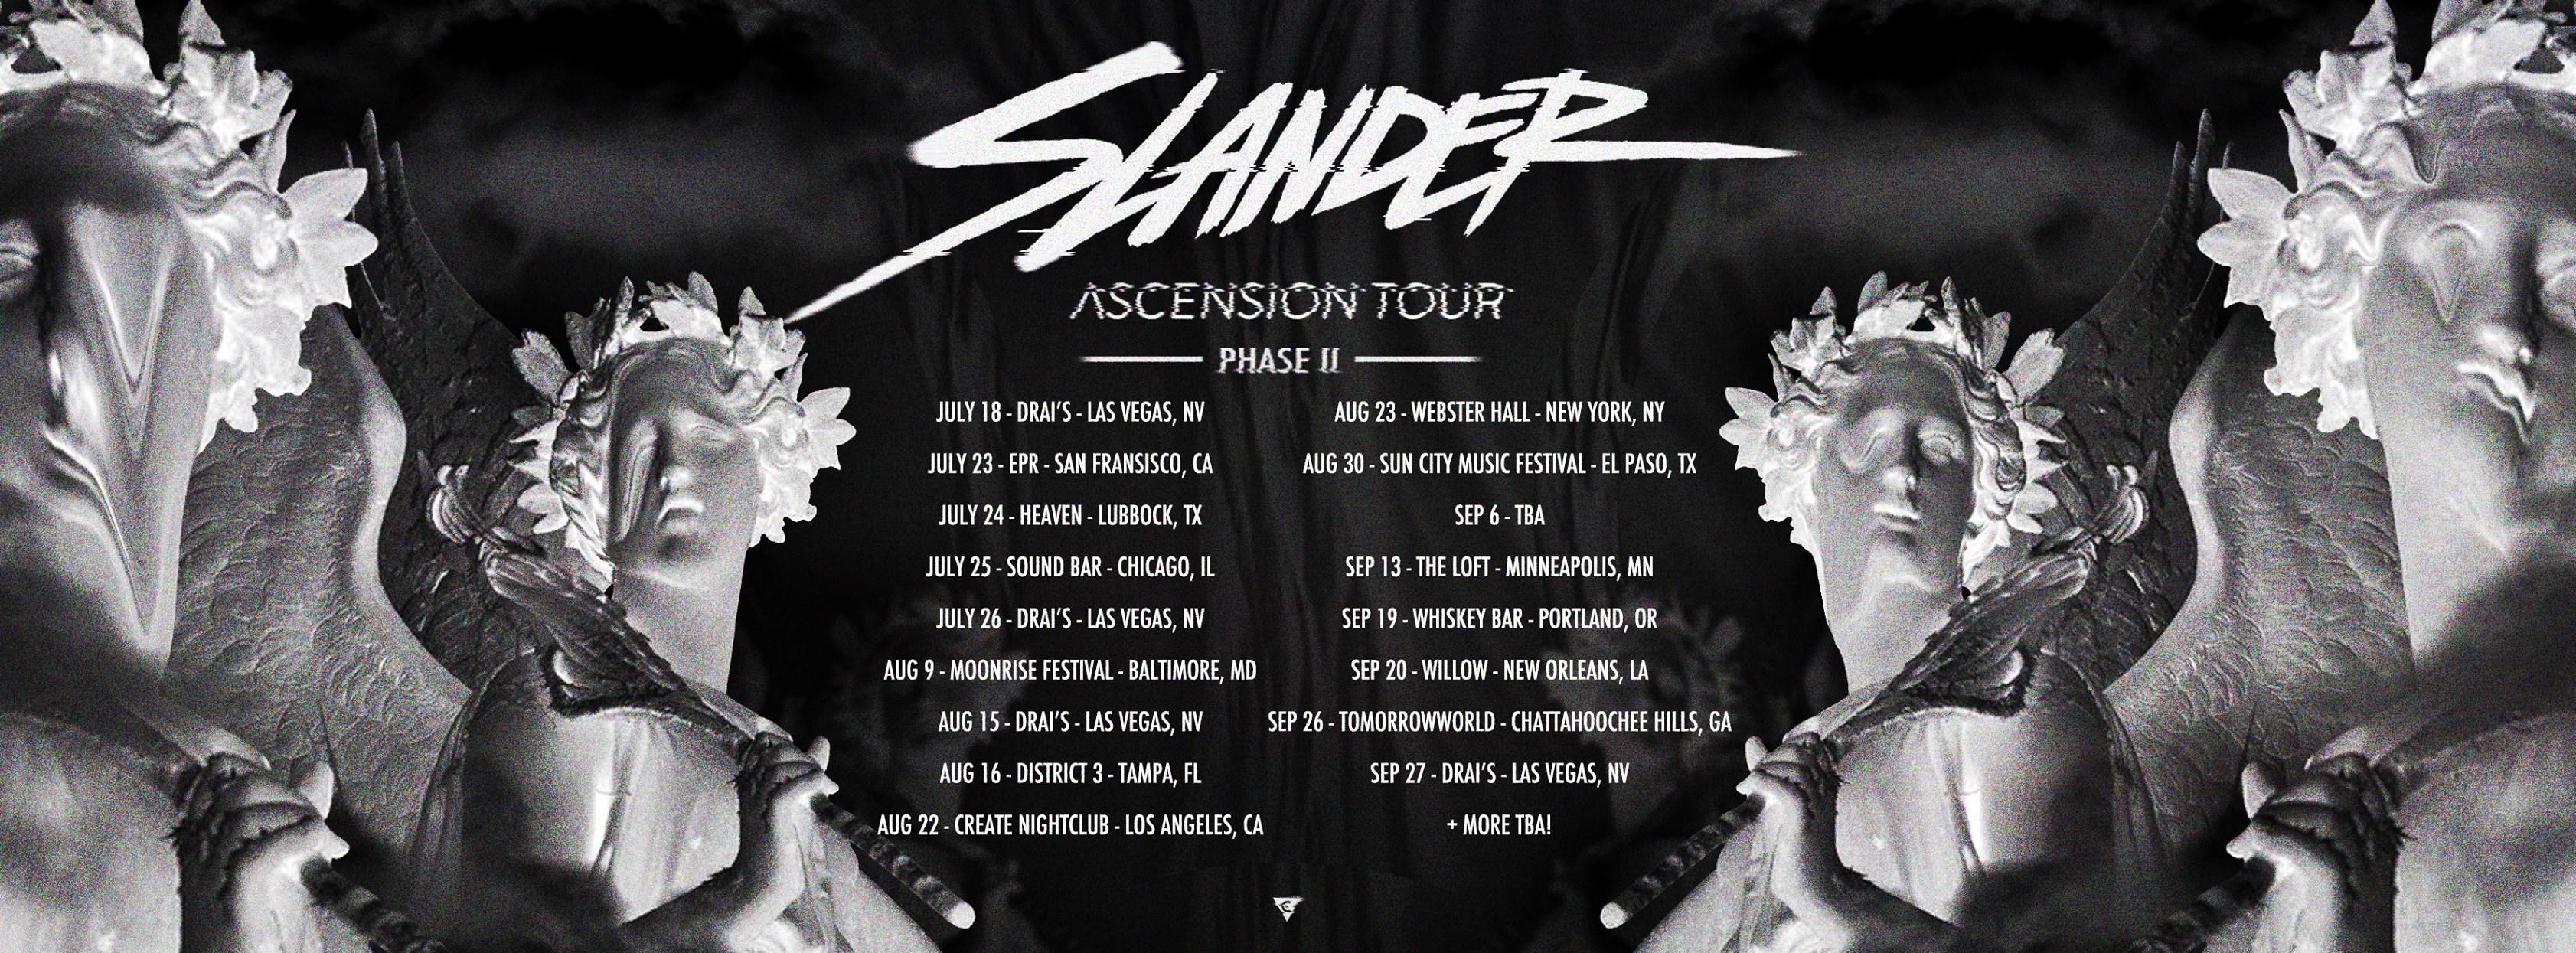 slander tour